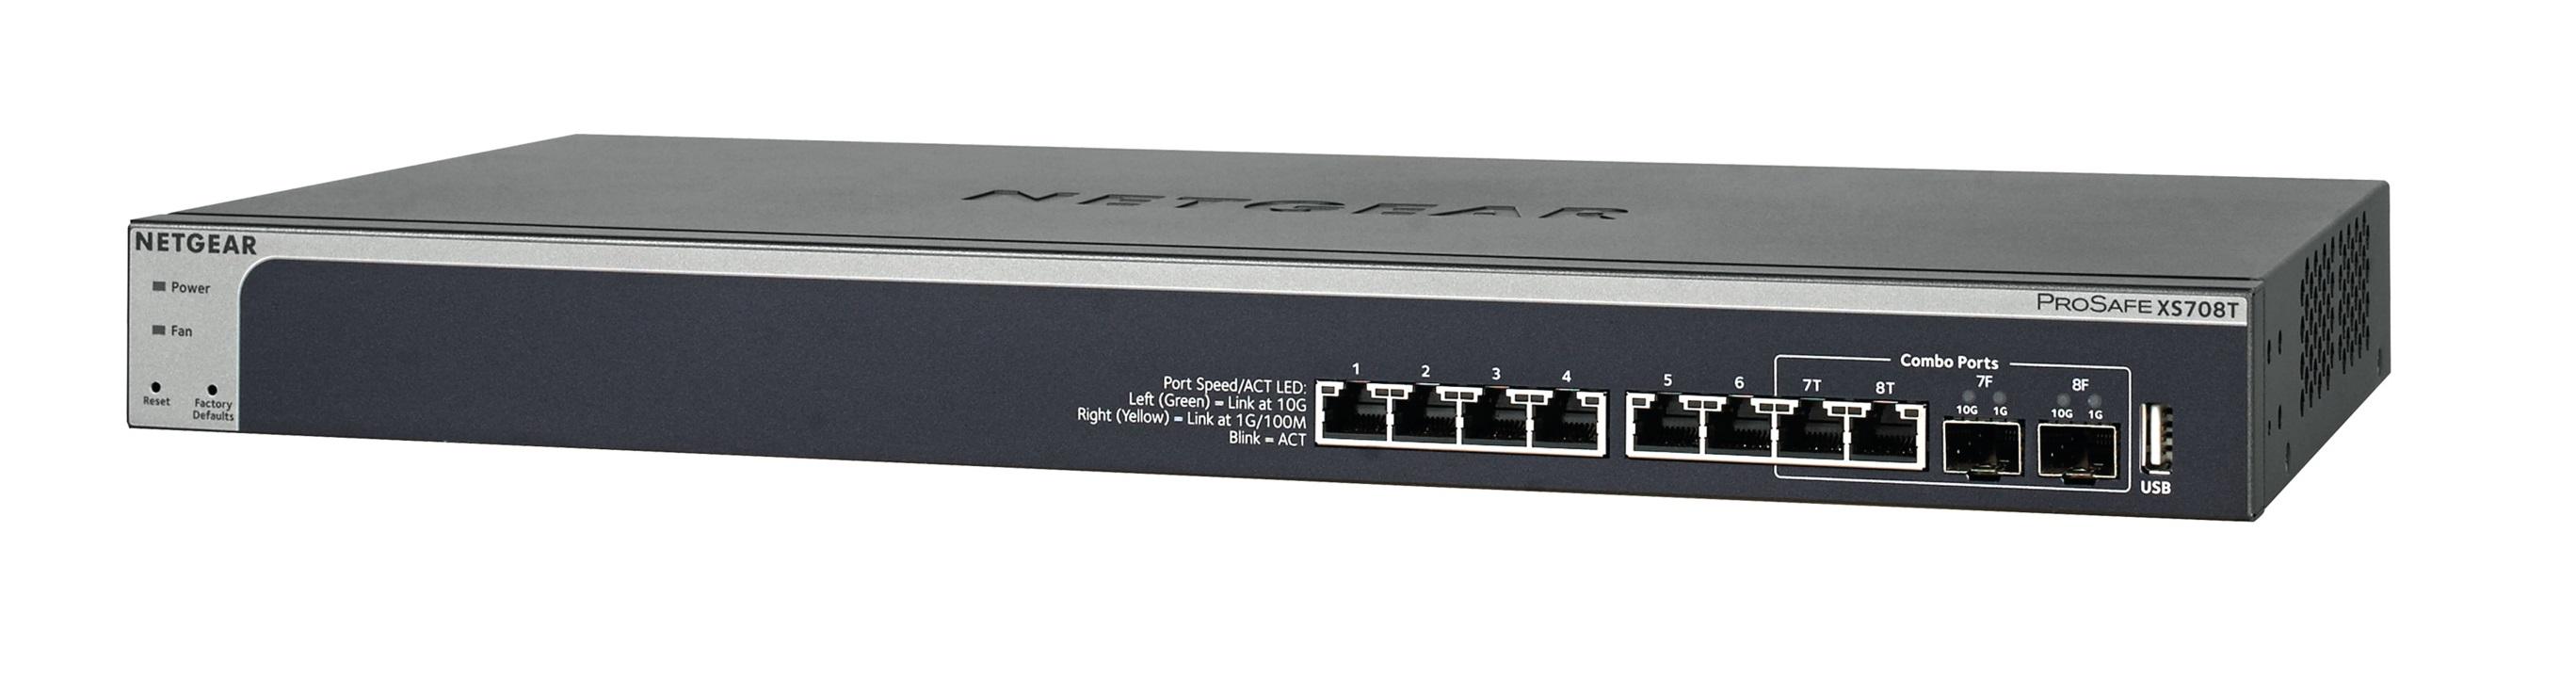 NETGEAR 8PT 10G SMART MANAGED SWITCH